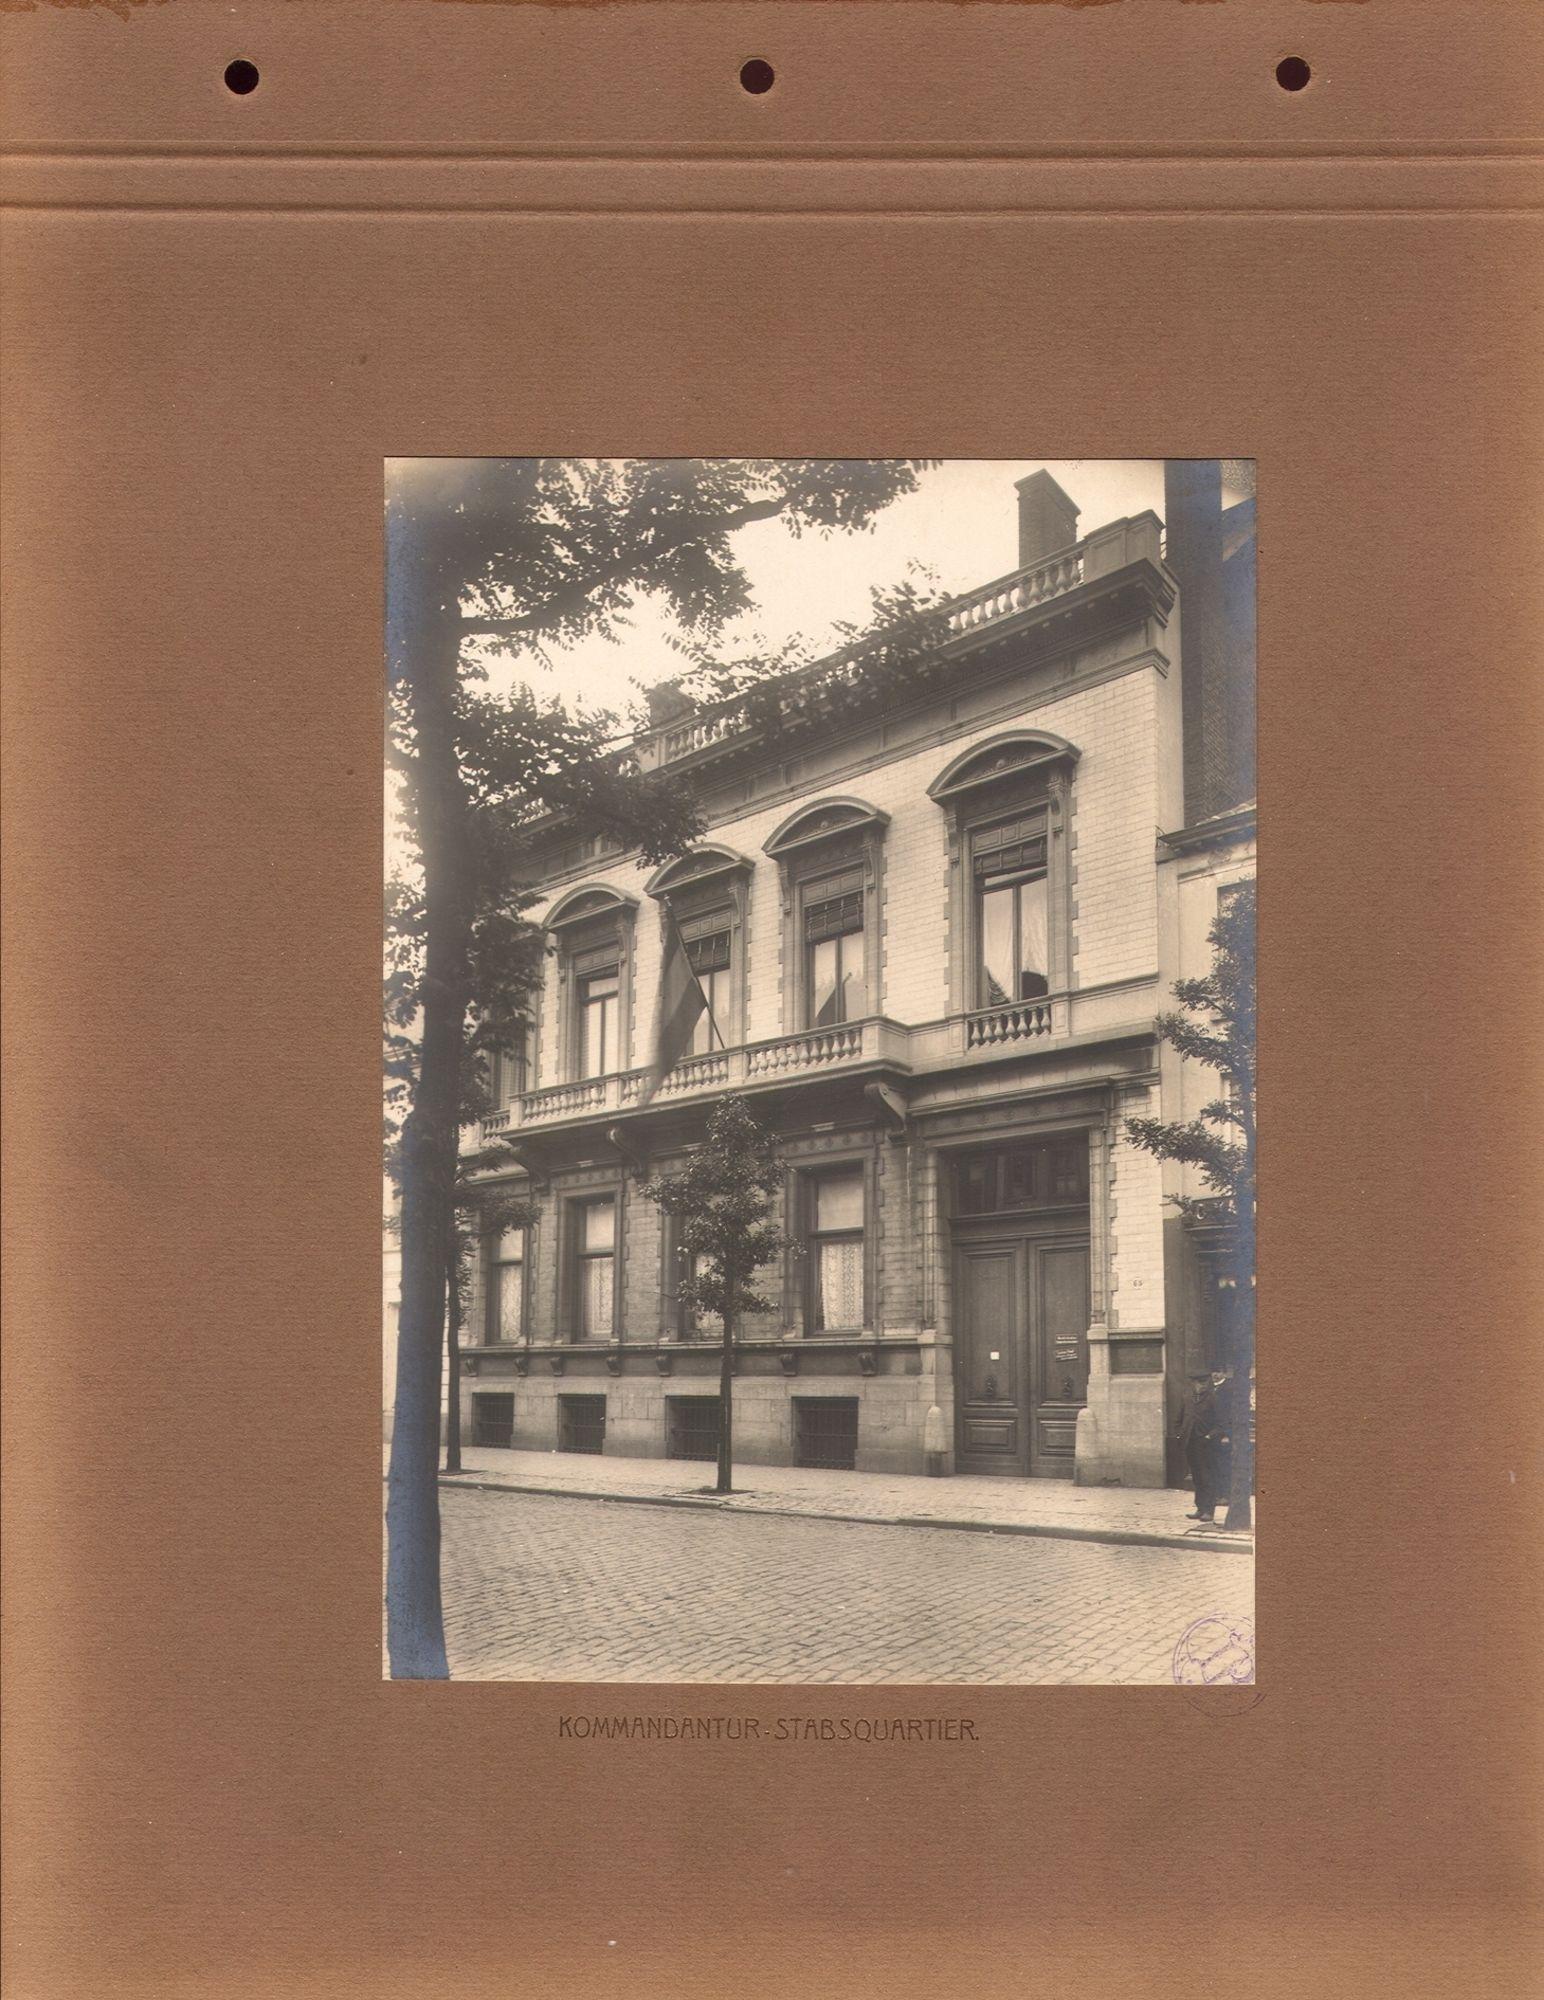 Het stafkwartier van de Duitse bezetter in Kortrijk tijdens de Eerste Wereldoorlog.